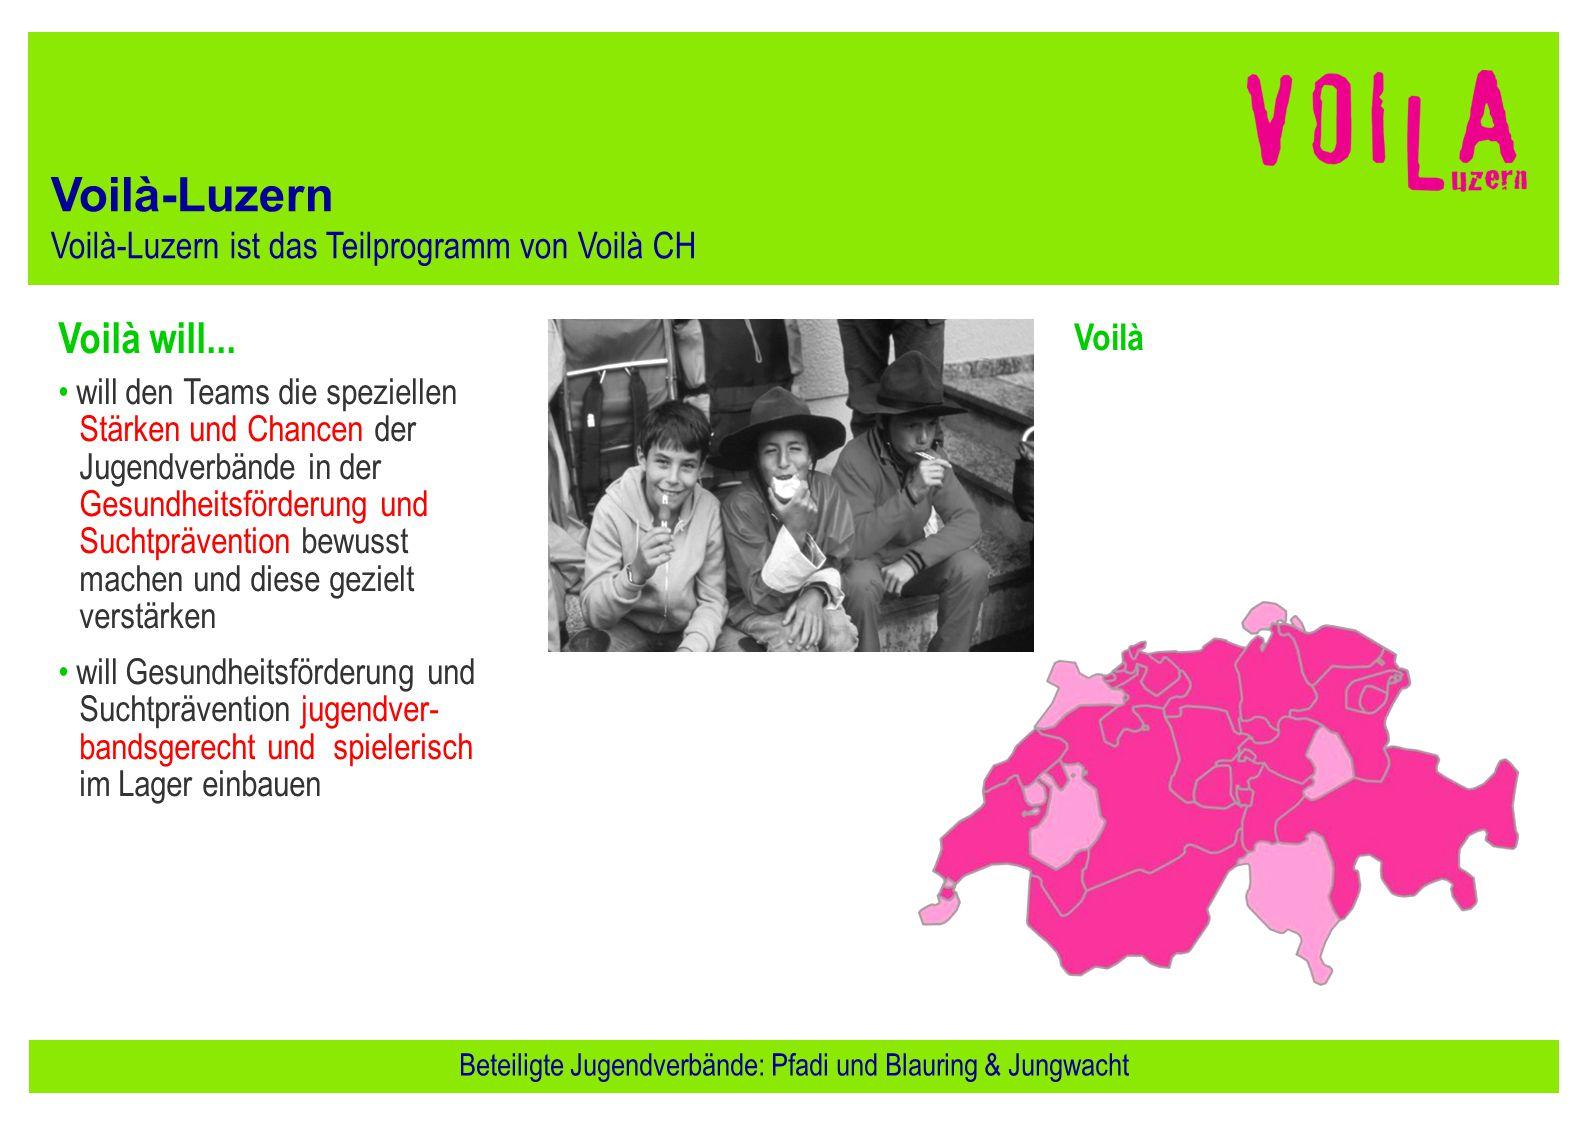 Beteiligte Jugendverbände: Pfadi und Blauring & Jungwacht